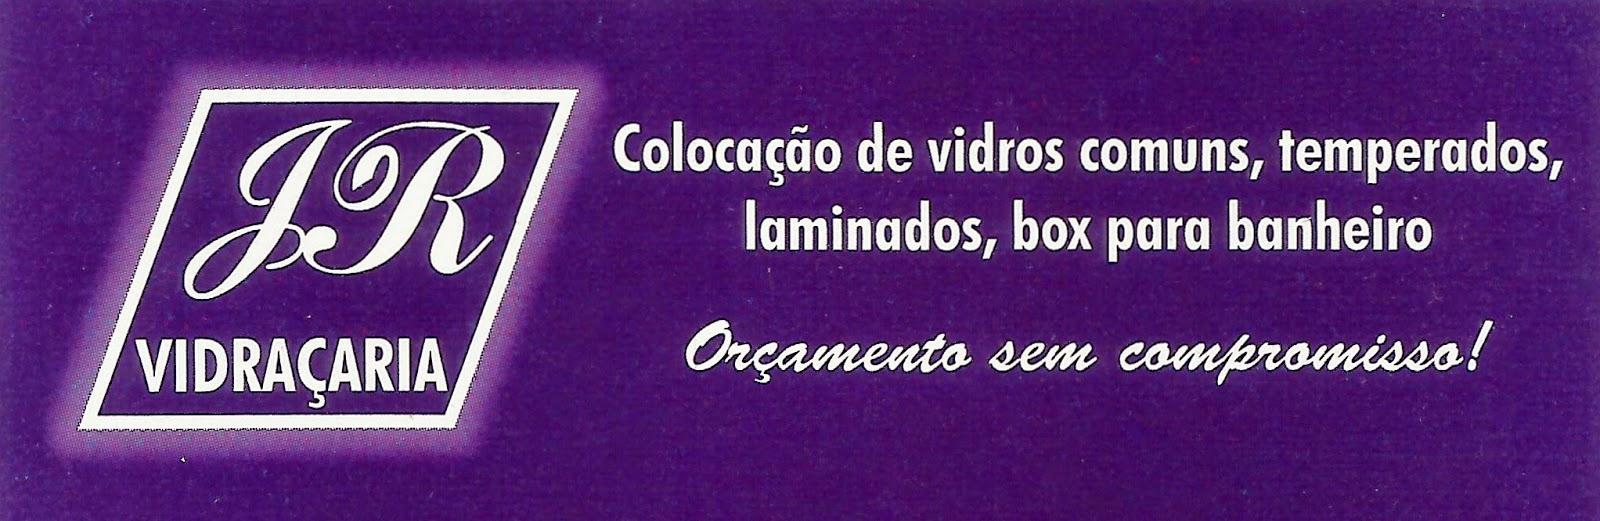 JR VIDRAÇARIA Colocação de vidros comuns, Temperados laminados, Box para banheiros Orçamento sem compromisso Rua. Visconde Rio Branco, 129 Vila Jardini - Sorocaba - SP tel: (15) 3217-5971 /  3202-7529 Cel: (15) 99749-6991 Denilson